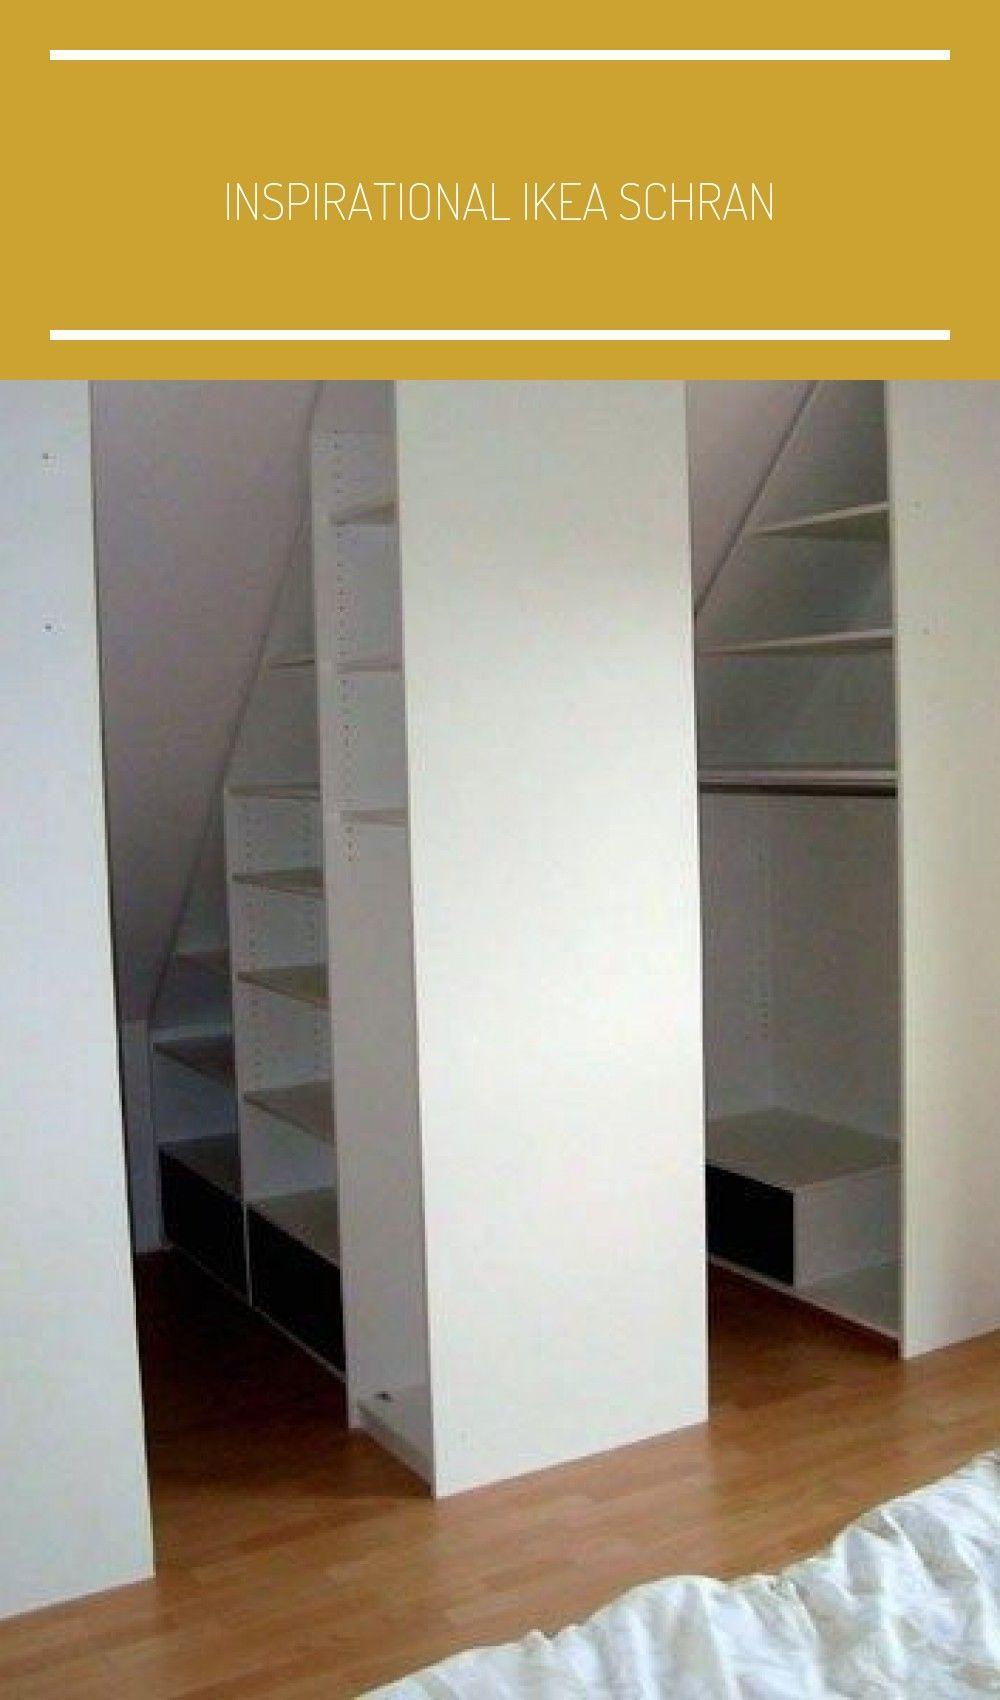 Full Size of Dachschräge Schrank Ikea Inspirational Dachschrge Arbeitszimmer Einrichten Badezimmer Hochschrank Wohnzimmer Schrankwand Miniküche Mit Kühlschrank Wohnzimmer Dachschräge Schrank Ikea